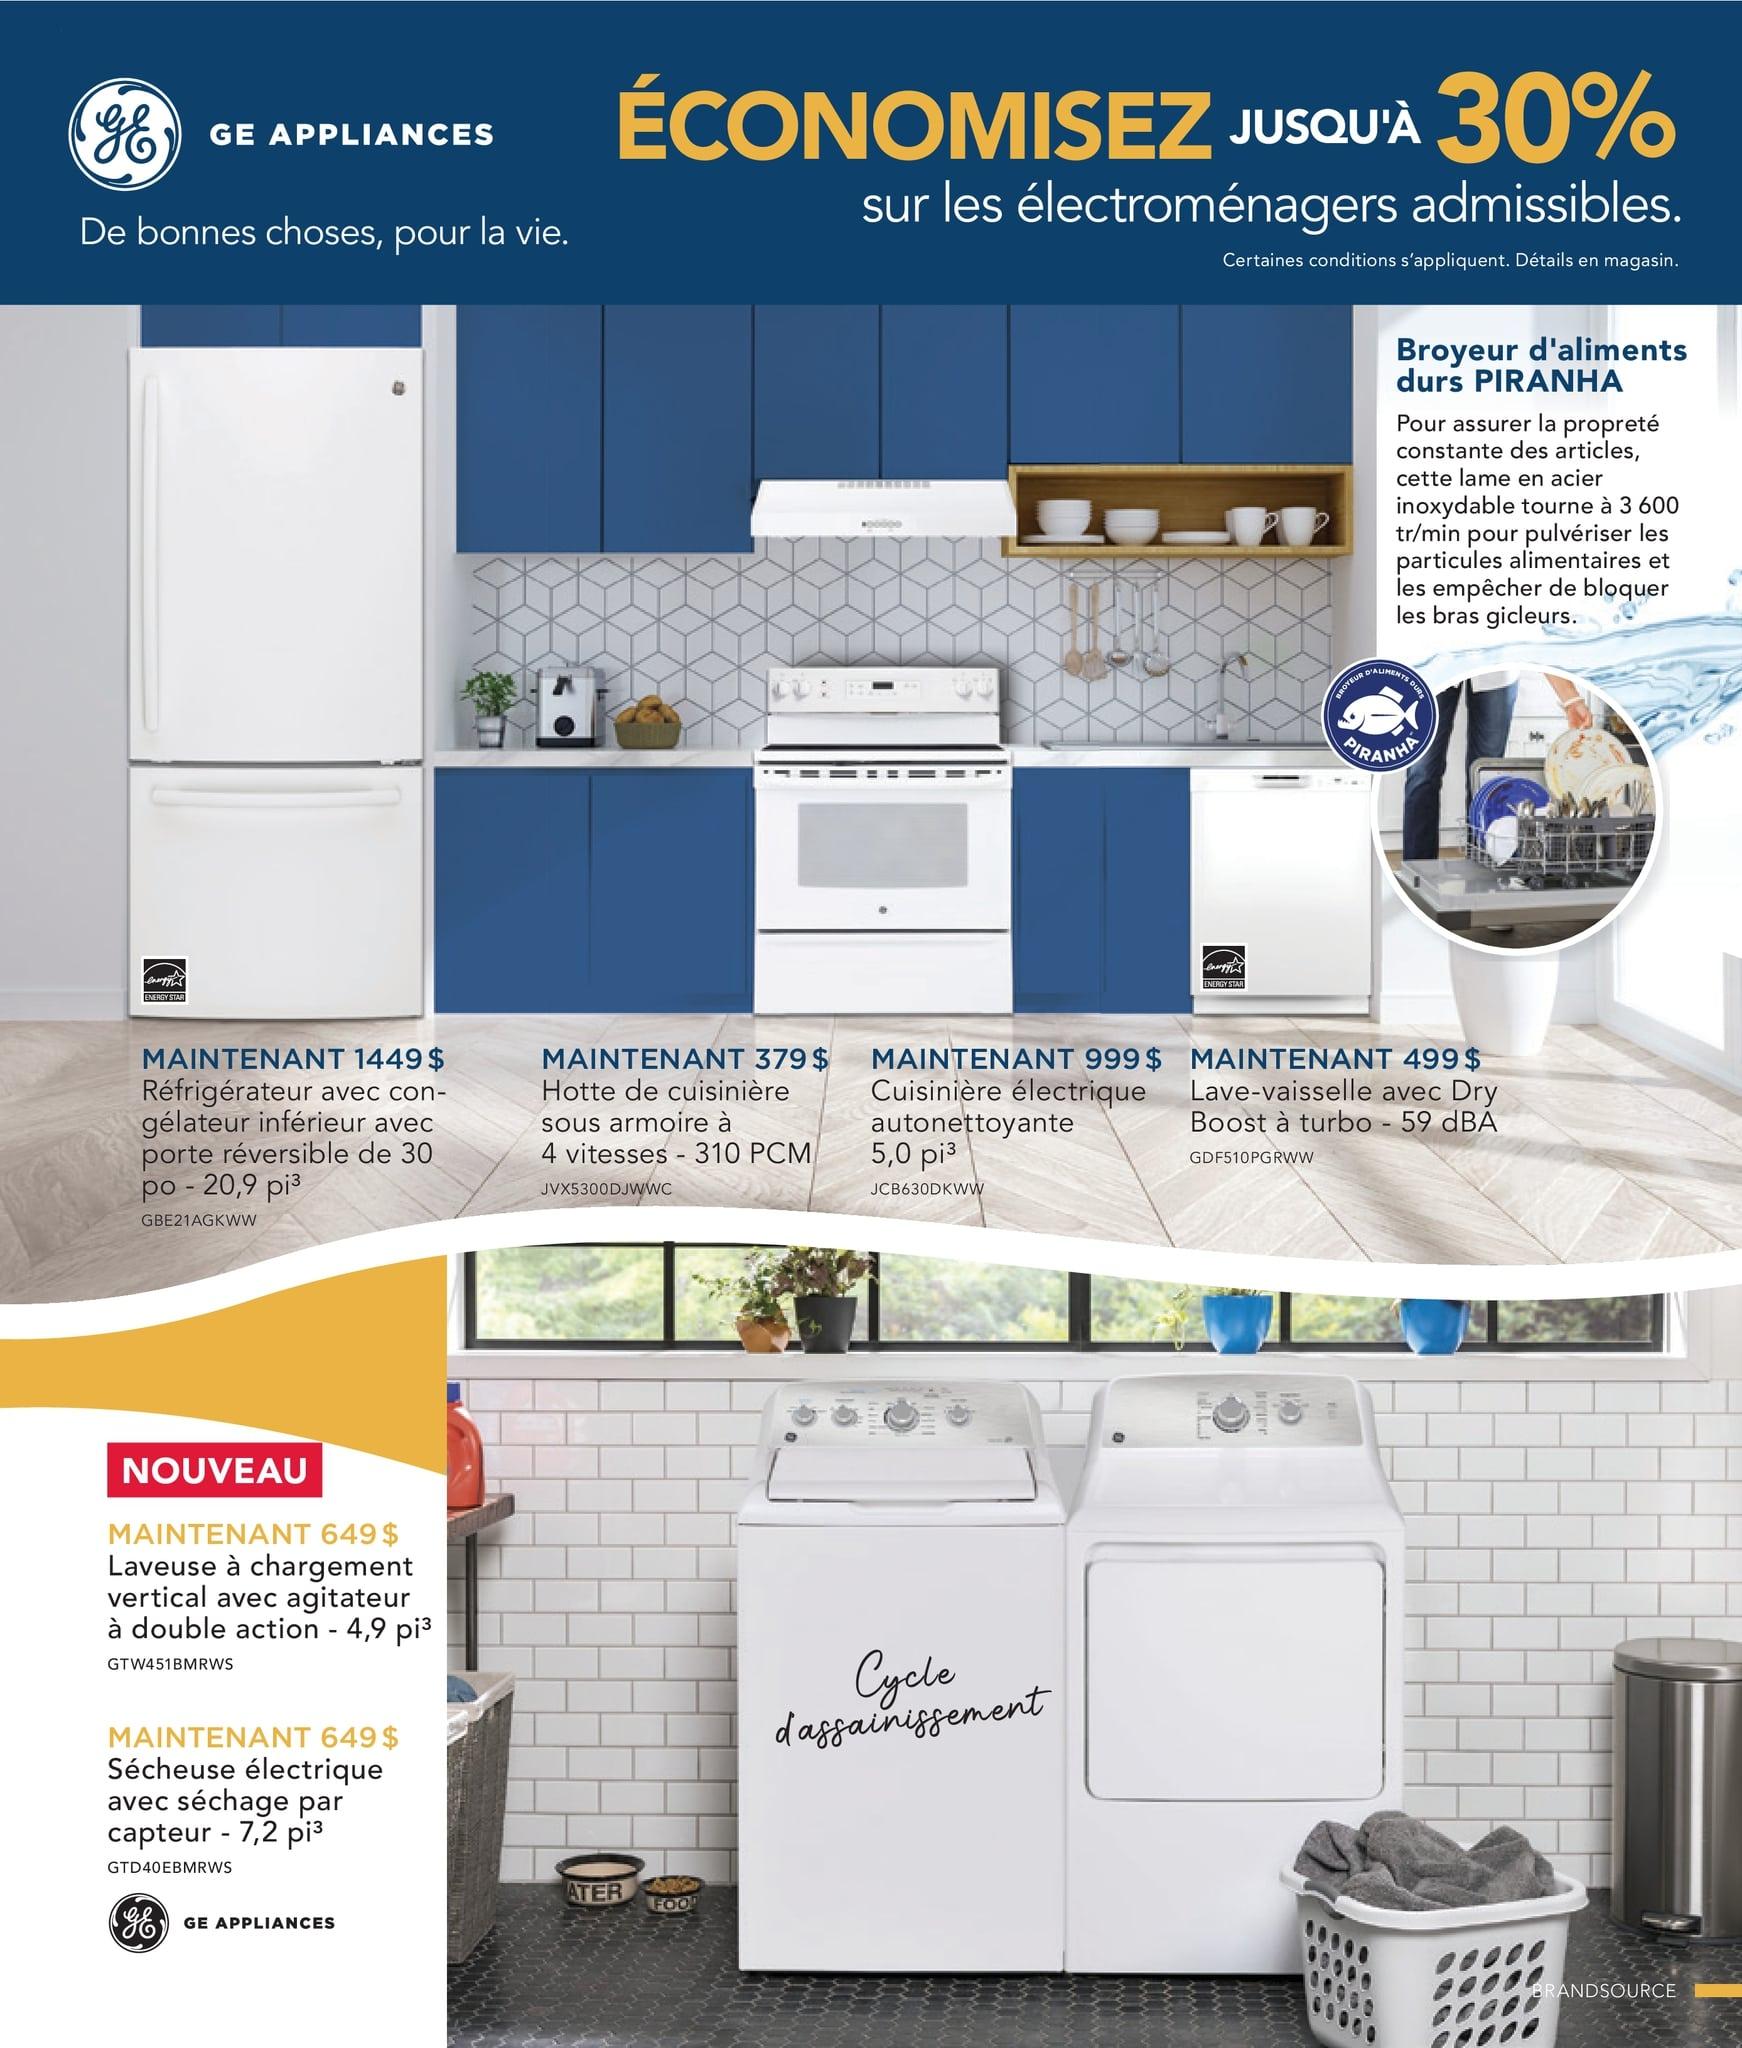 Circulaire Ameublement BrandSource Poulin du  1 au 18 octobre 2021 - Page 14